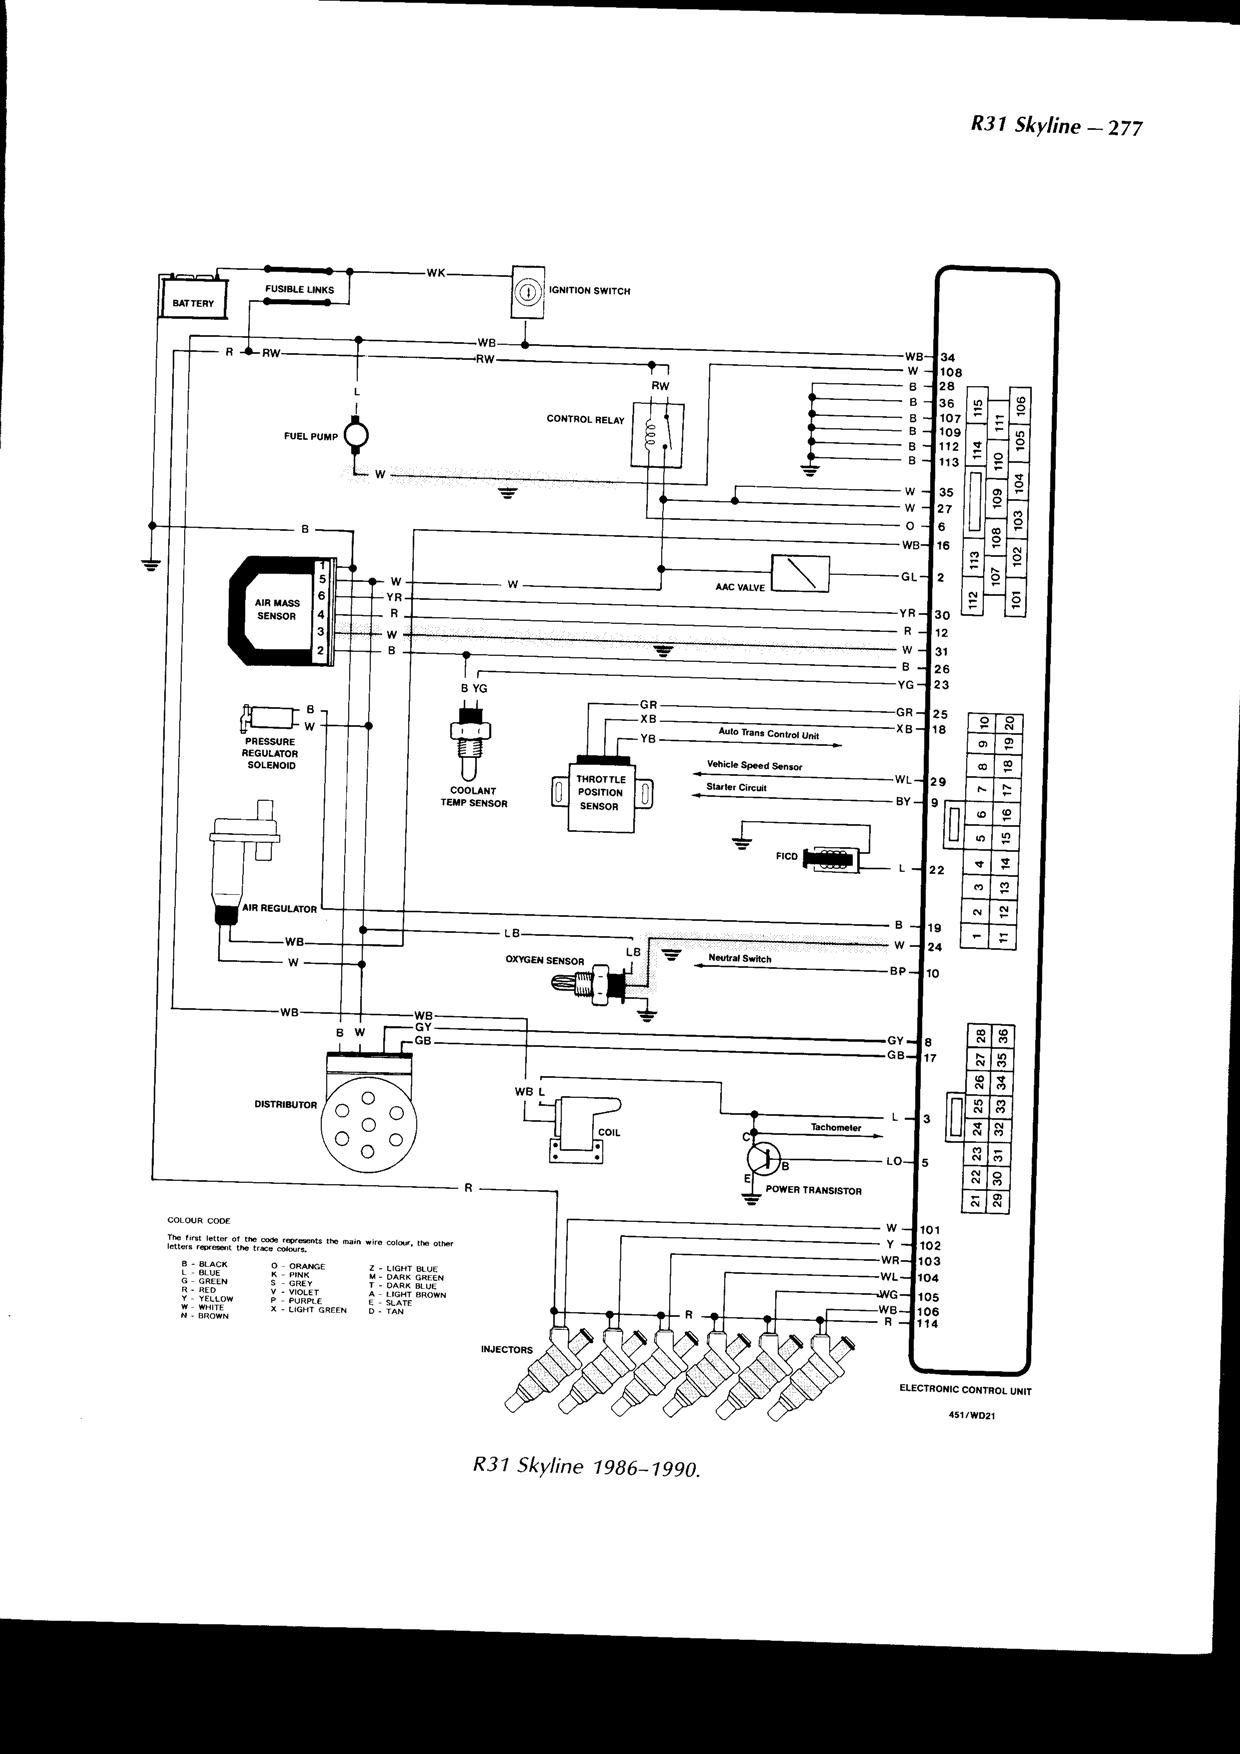 cd688f bf98d274ca120c931d1